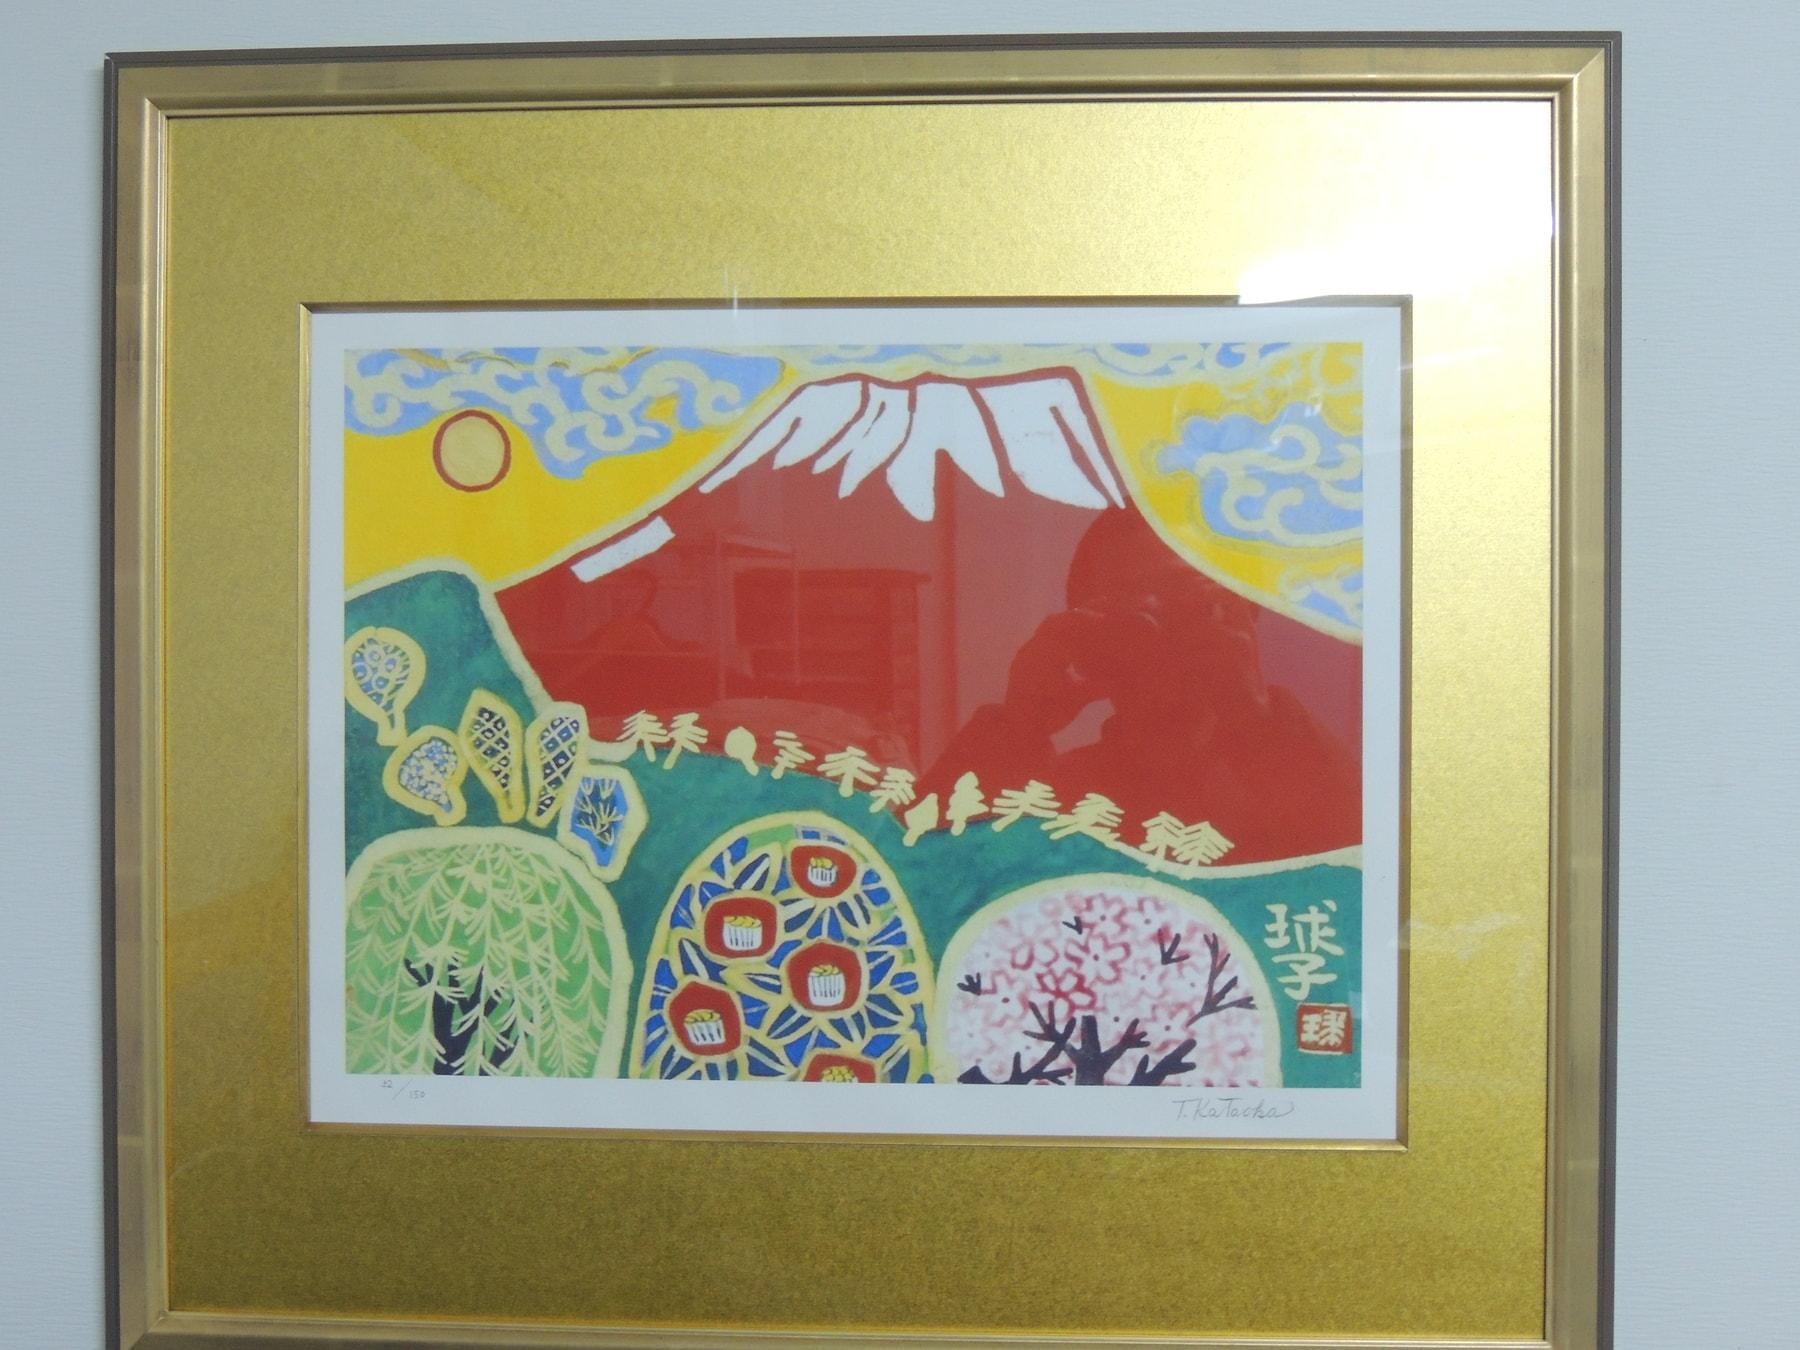 ≪リトグラフ≫ 日本画の巨匠 片岡球子